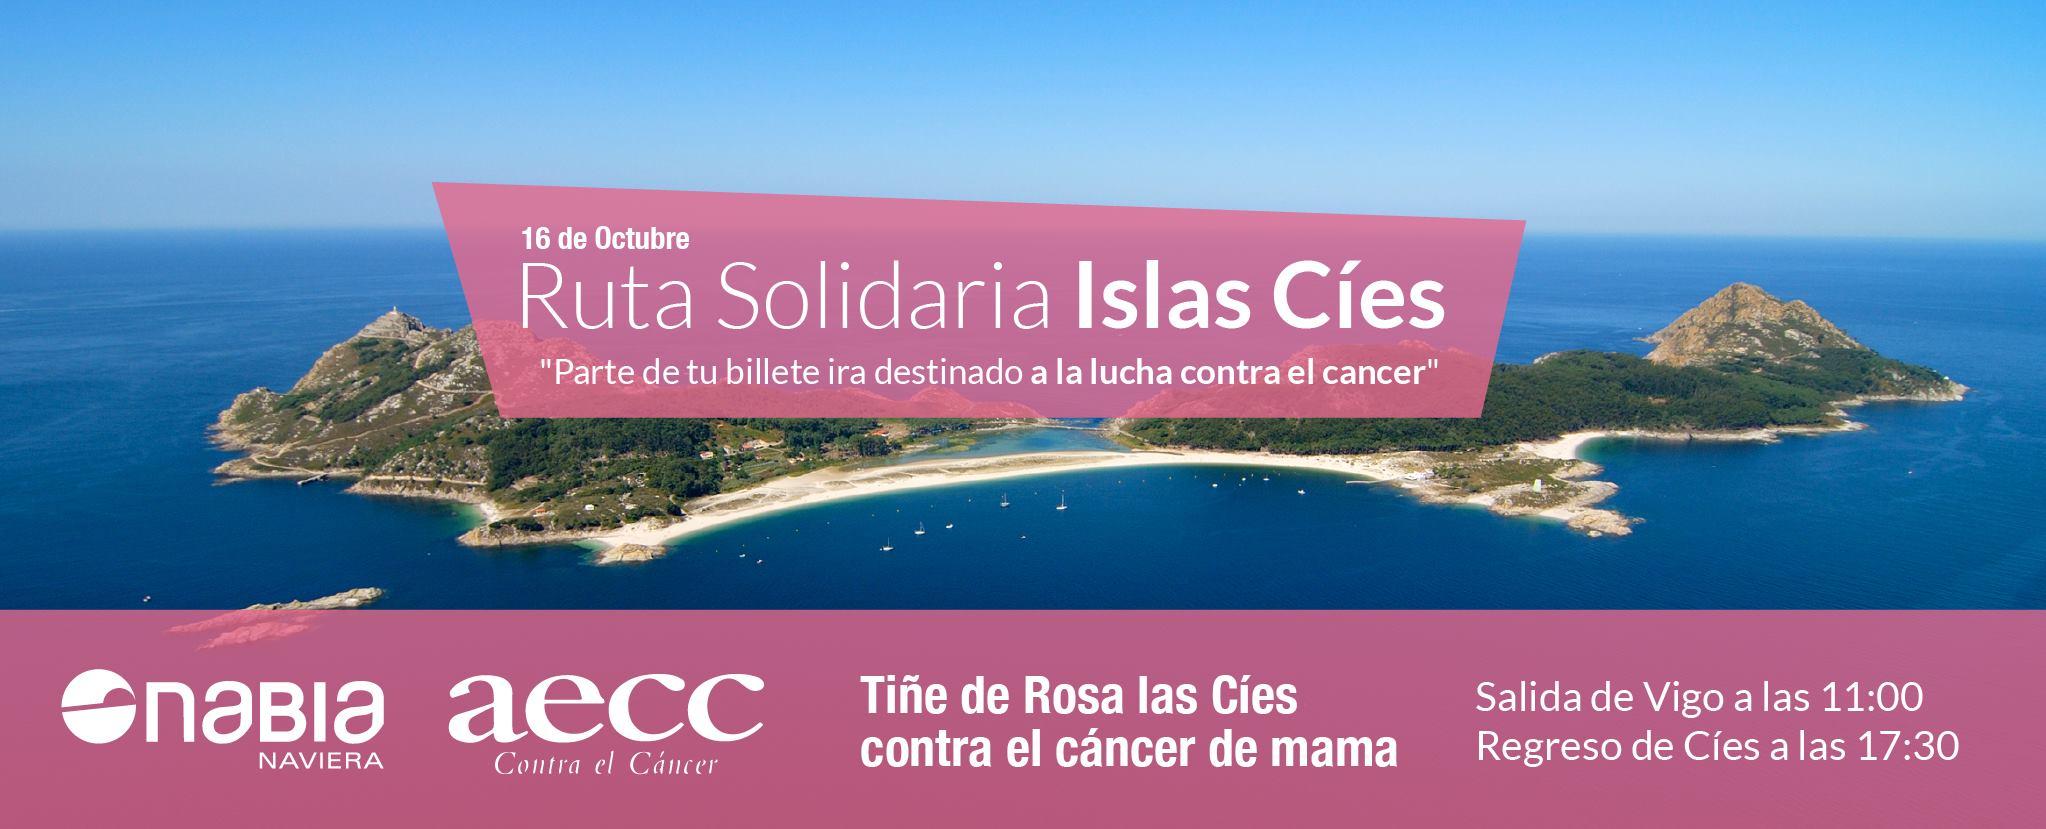 Ruta solidaria en las Islas Cíes